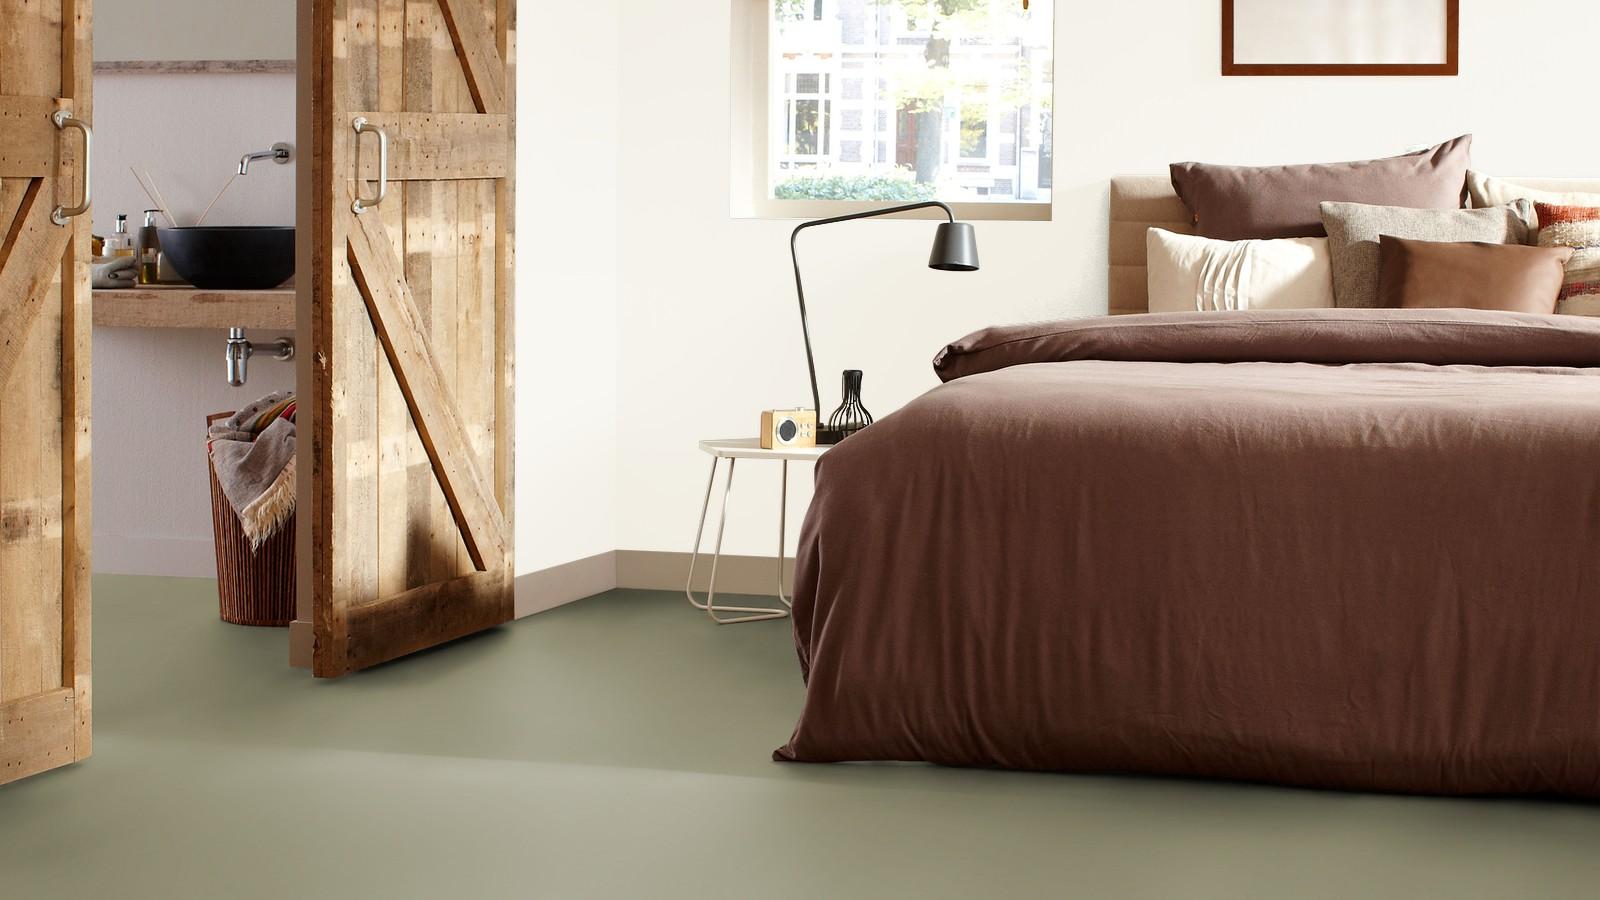 Warme Slaapkamer Koelen : Kleur voor een slaapkamer op het noordoosten u finkelstein sons